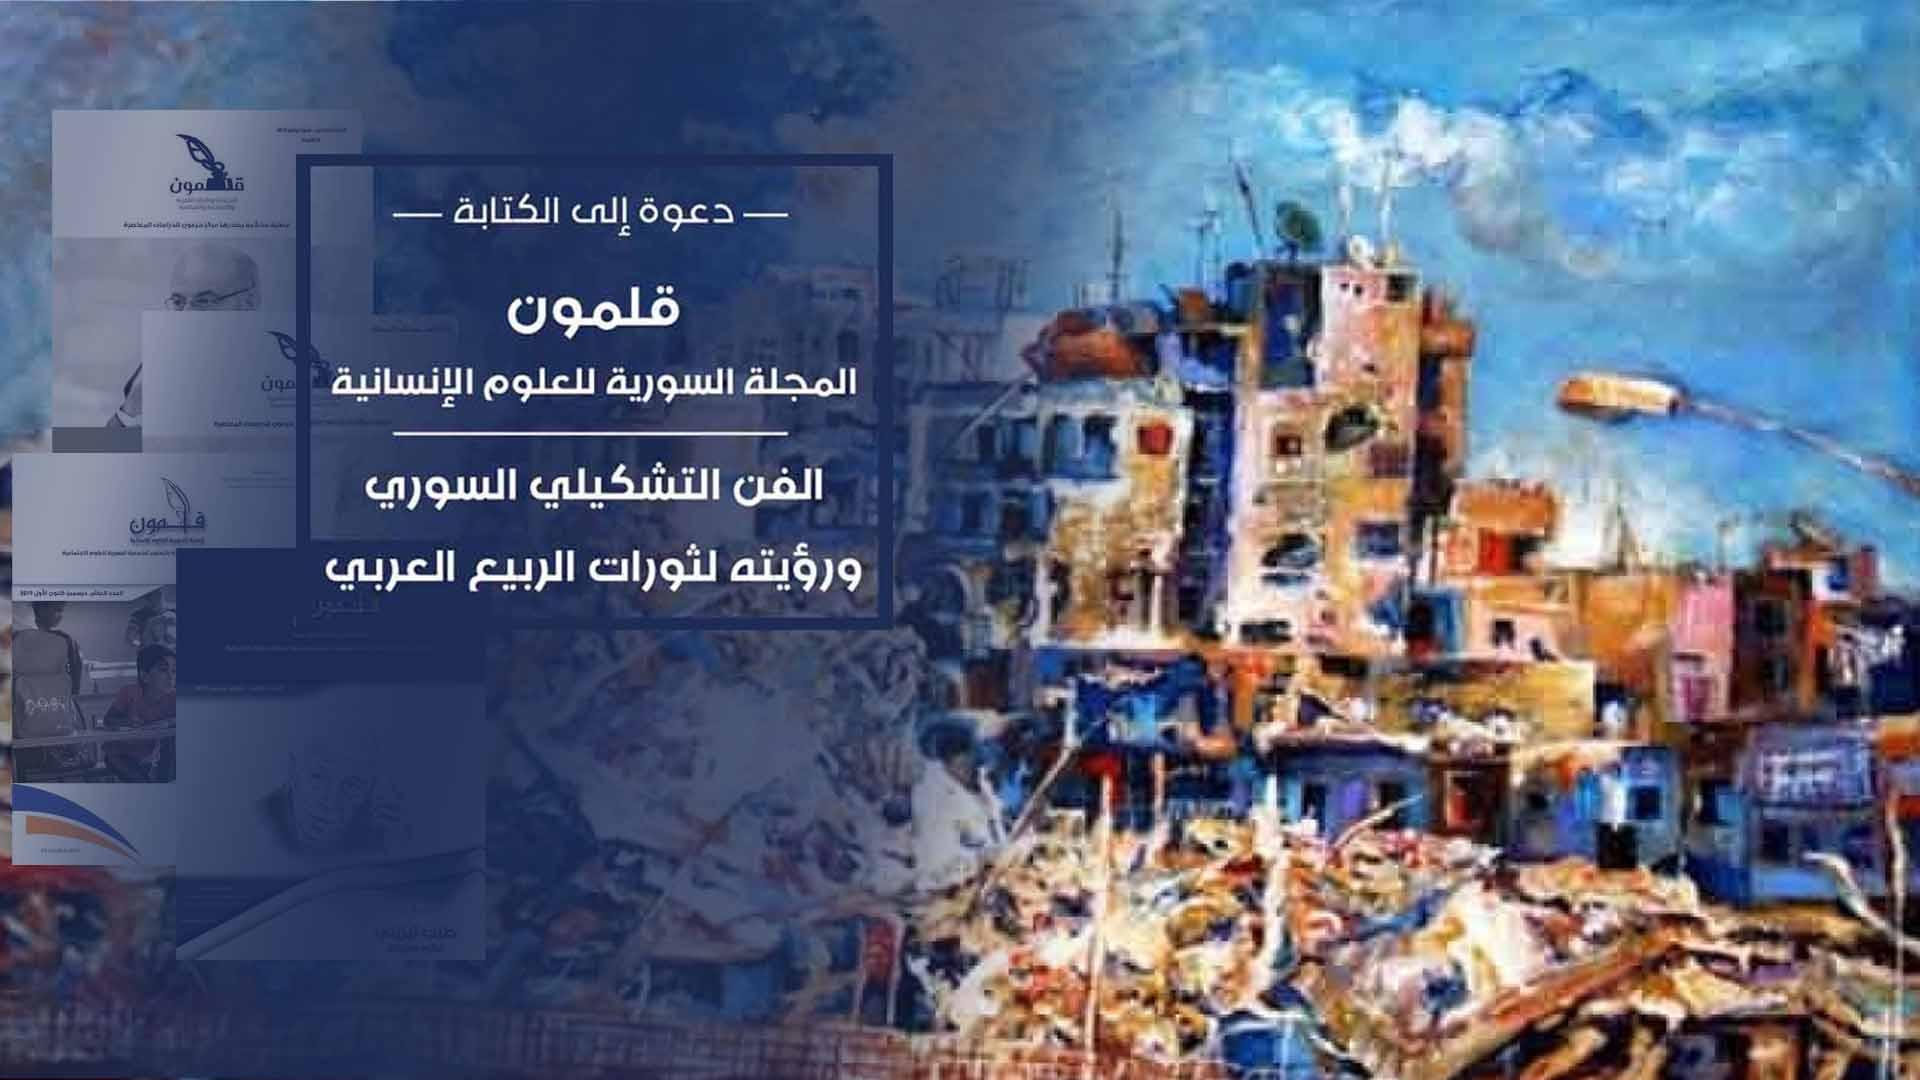 """مجلة """"قلمون"""" تدعو الباحثين إلى الكتابة حول """"الفن التشكيلي السوري"""""""